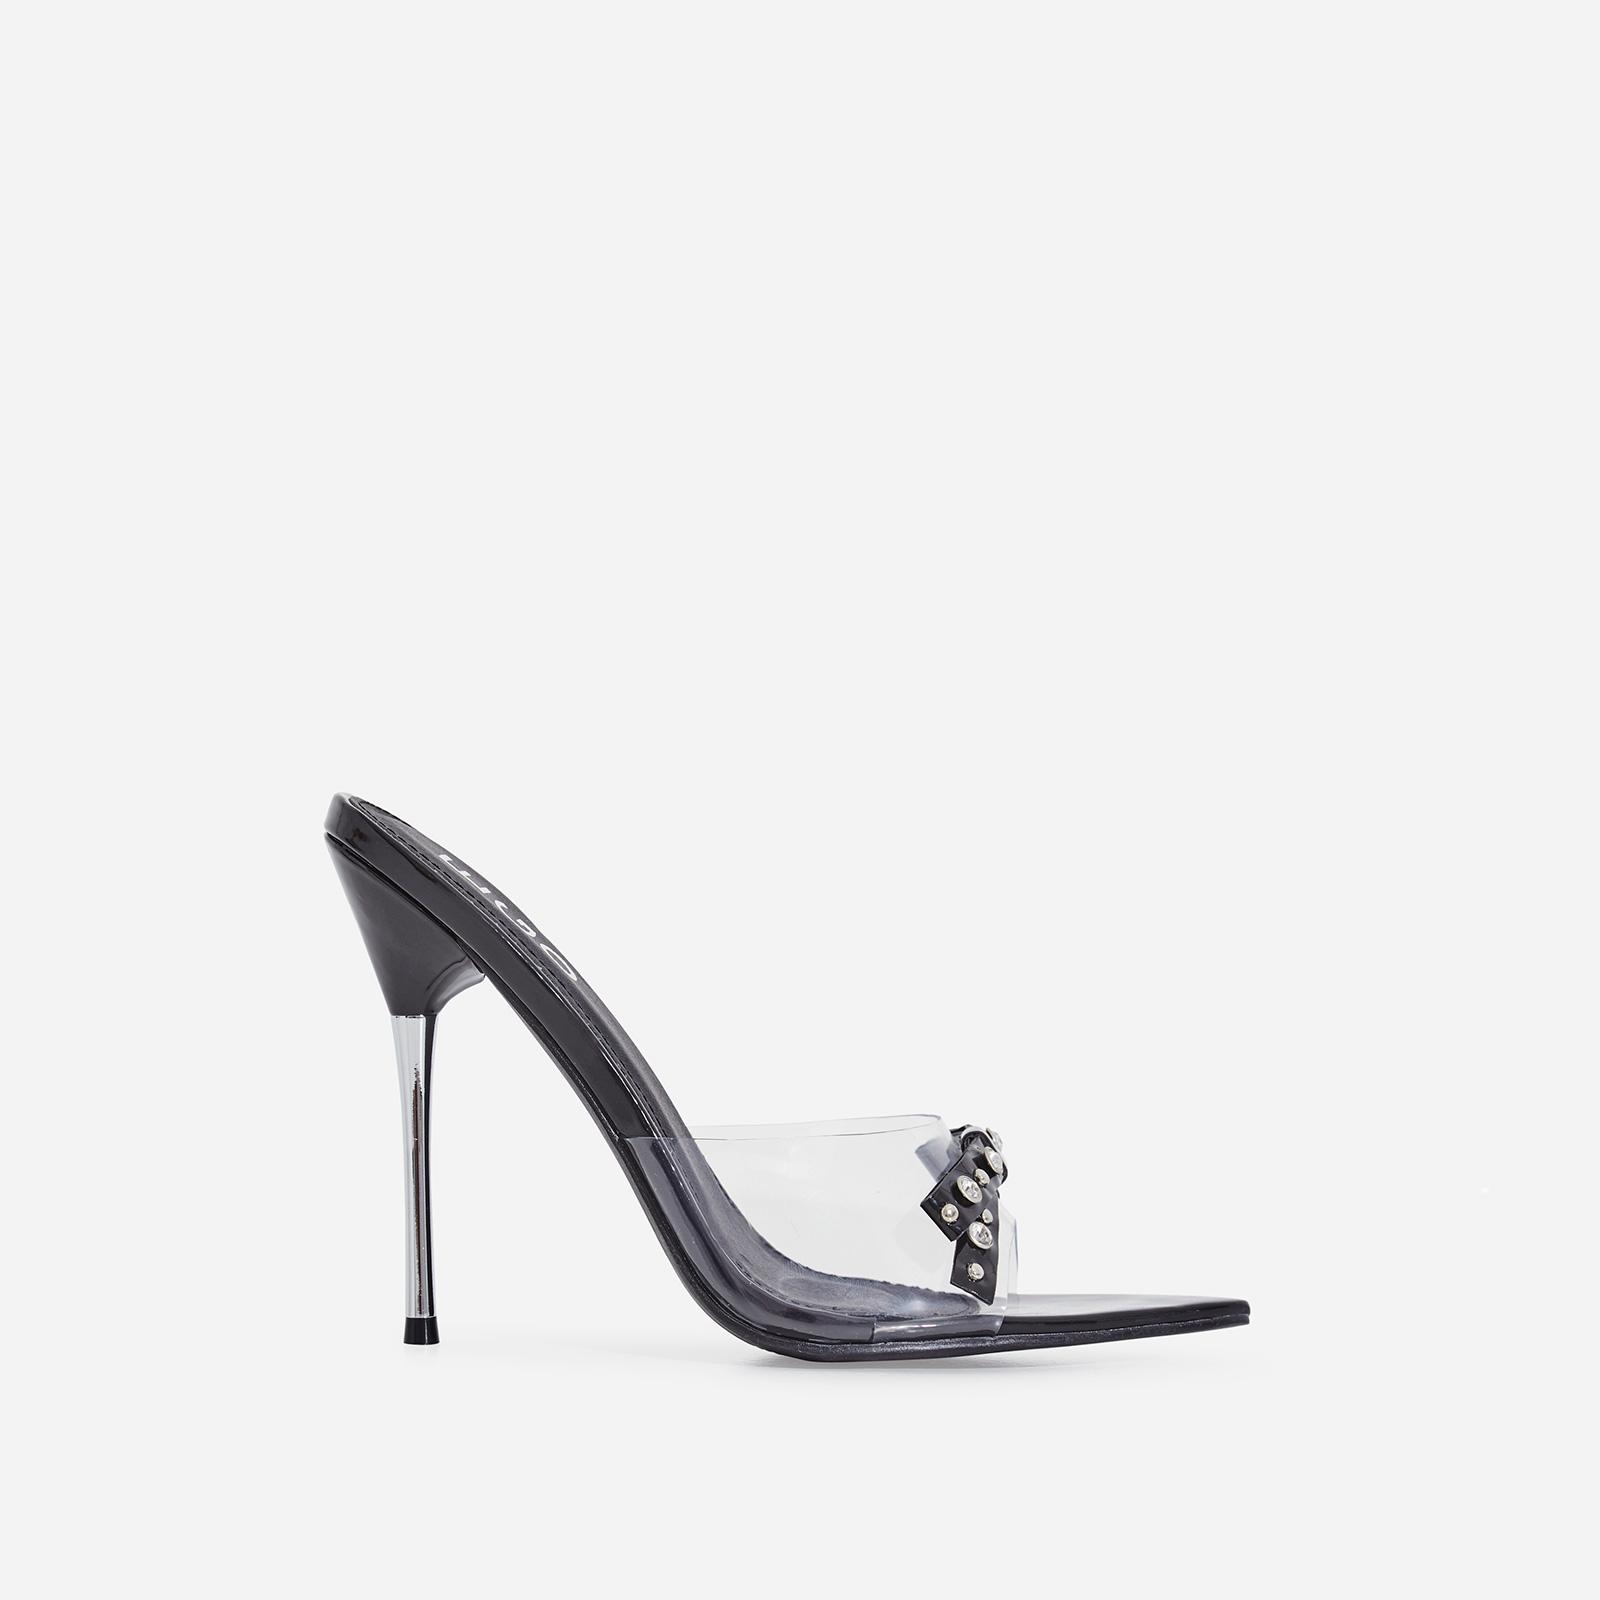 Gabb Studded Bow Detail Perspex Peep Toe Heel Mule In Black Patent